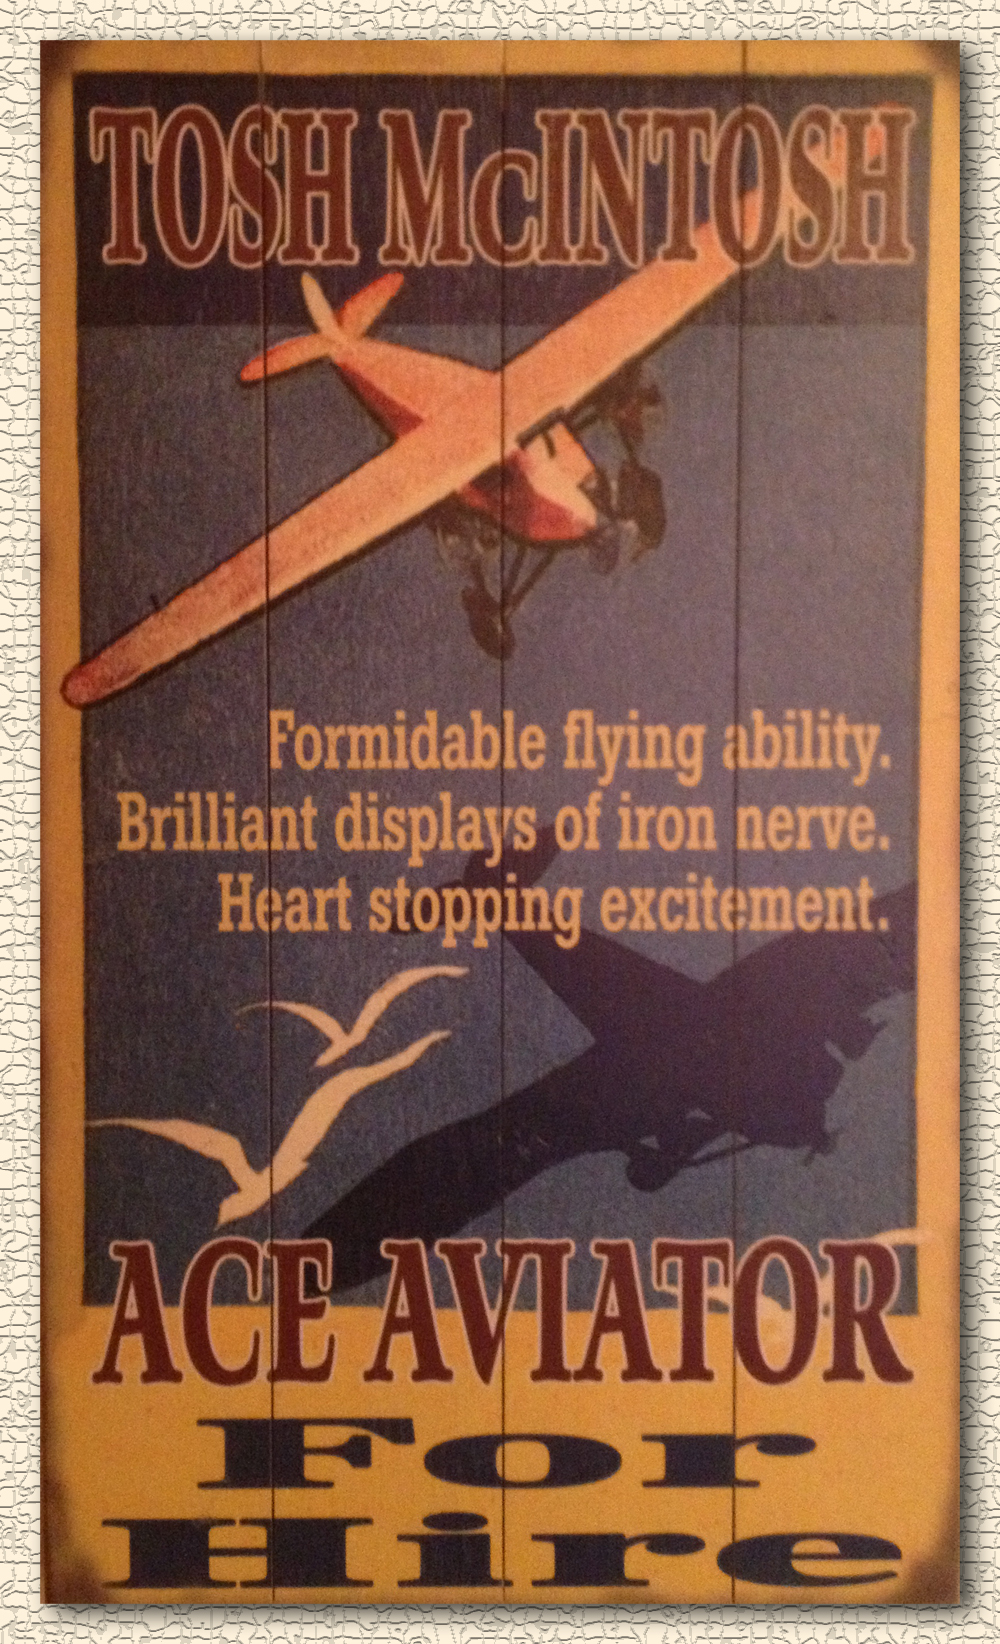 AceAviator